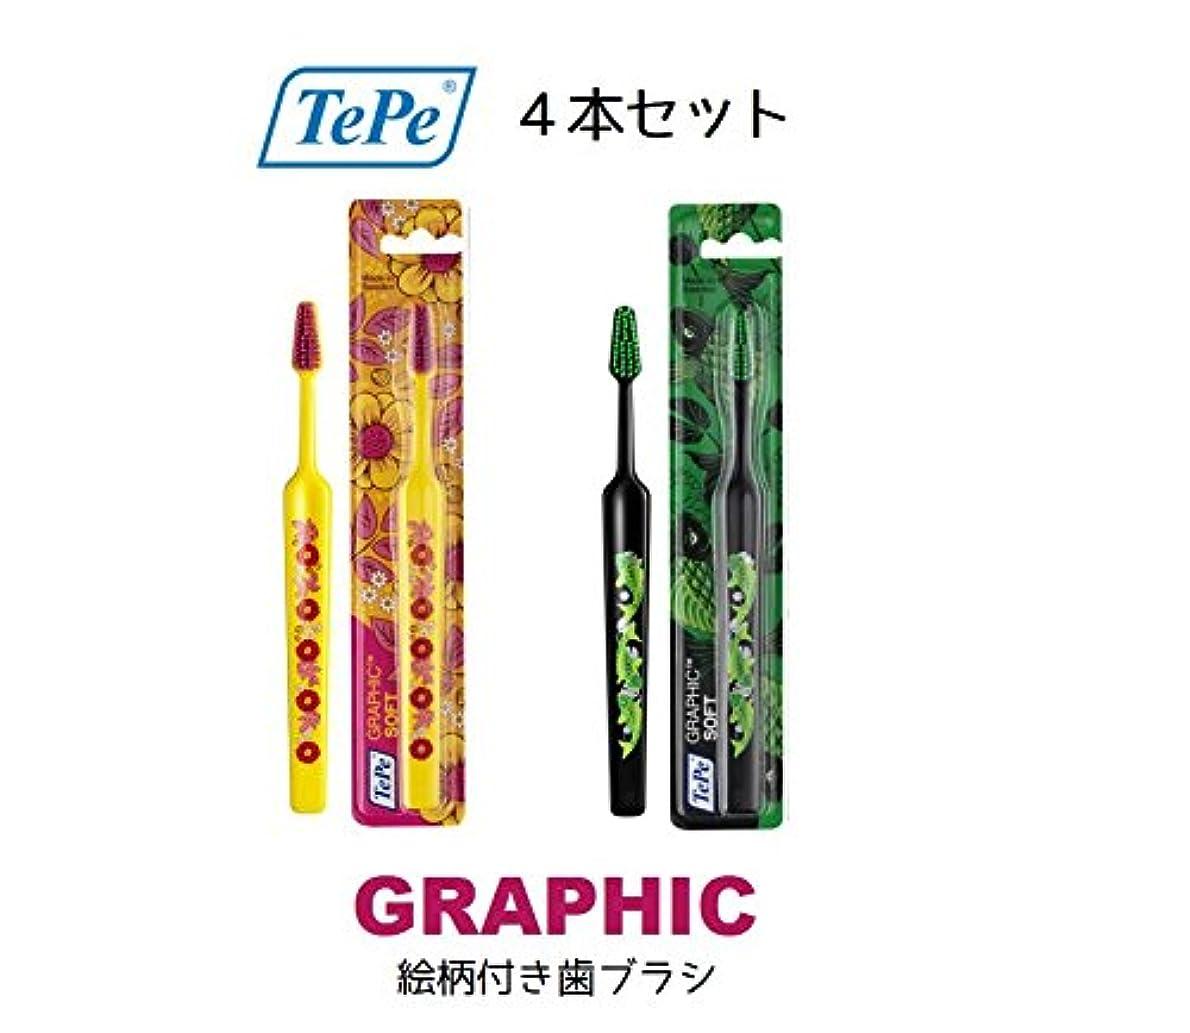 モナリザテストシェアテペ グラフィック ソフト 4本セット TePe Graphic soft (イエロー?ピンクとブラックグリーンのミックス)